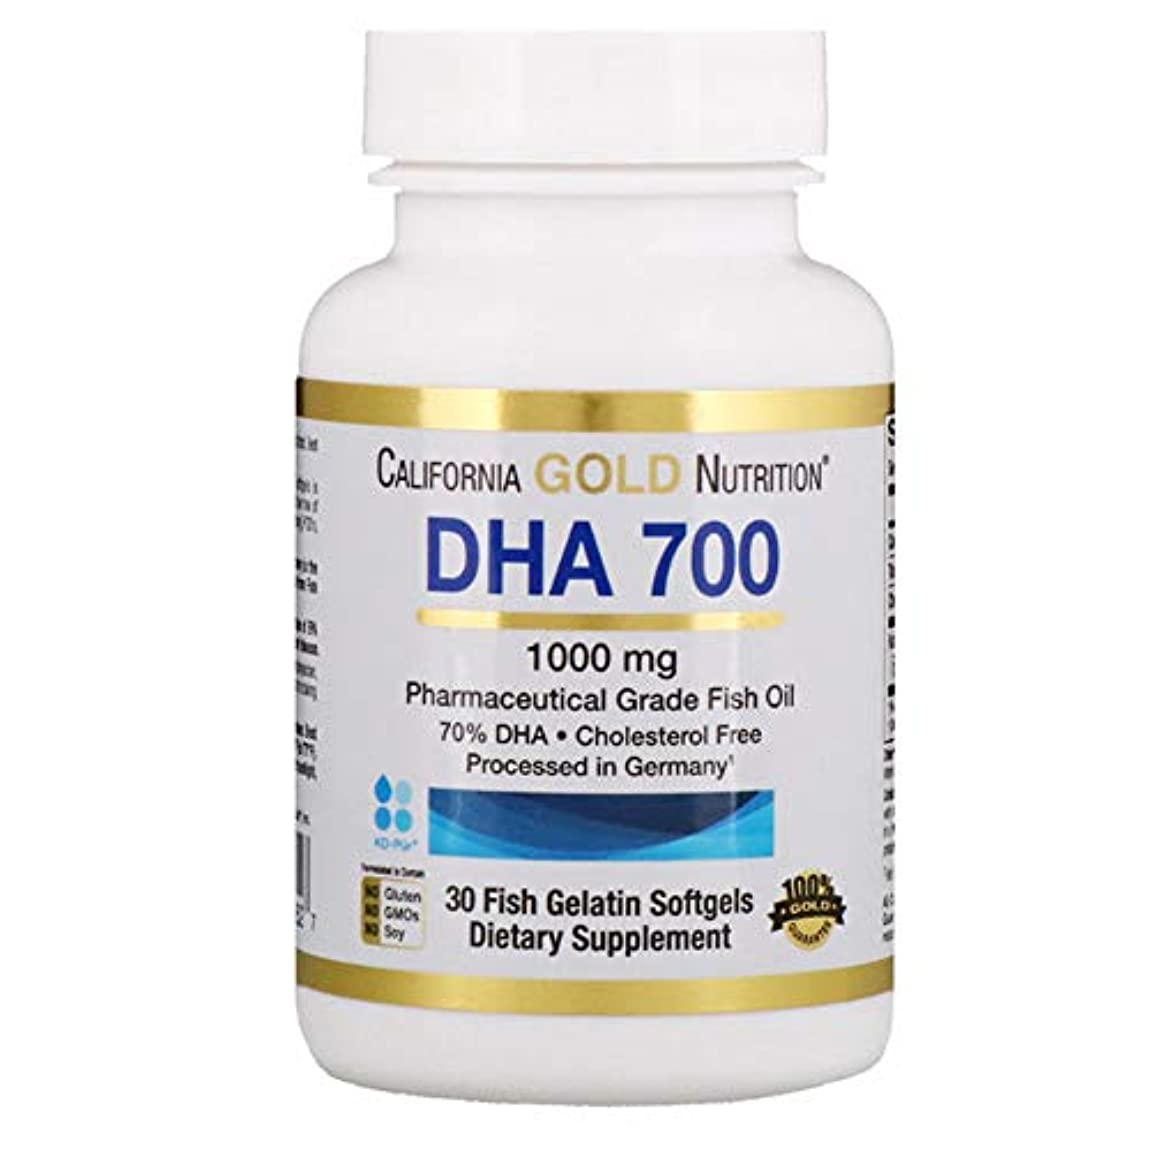 発送邪悪な振り返るCalifornia Gold Nutrition DHA 700 フィッシュオイル 医薬品グレード 1000 mg 魚ゼラチンソフトジェル 30個 【アメリカ直送】